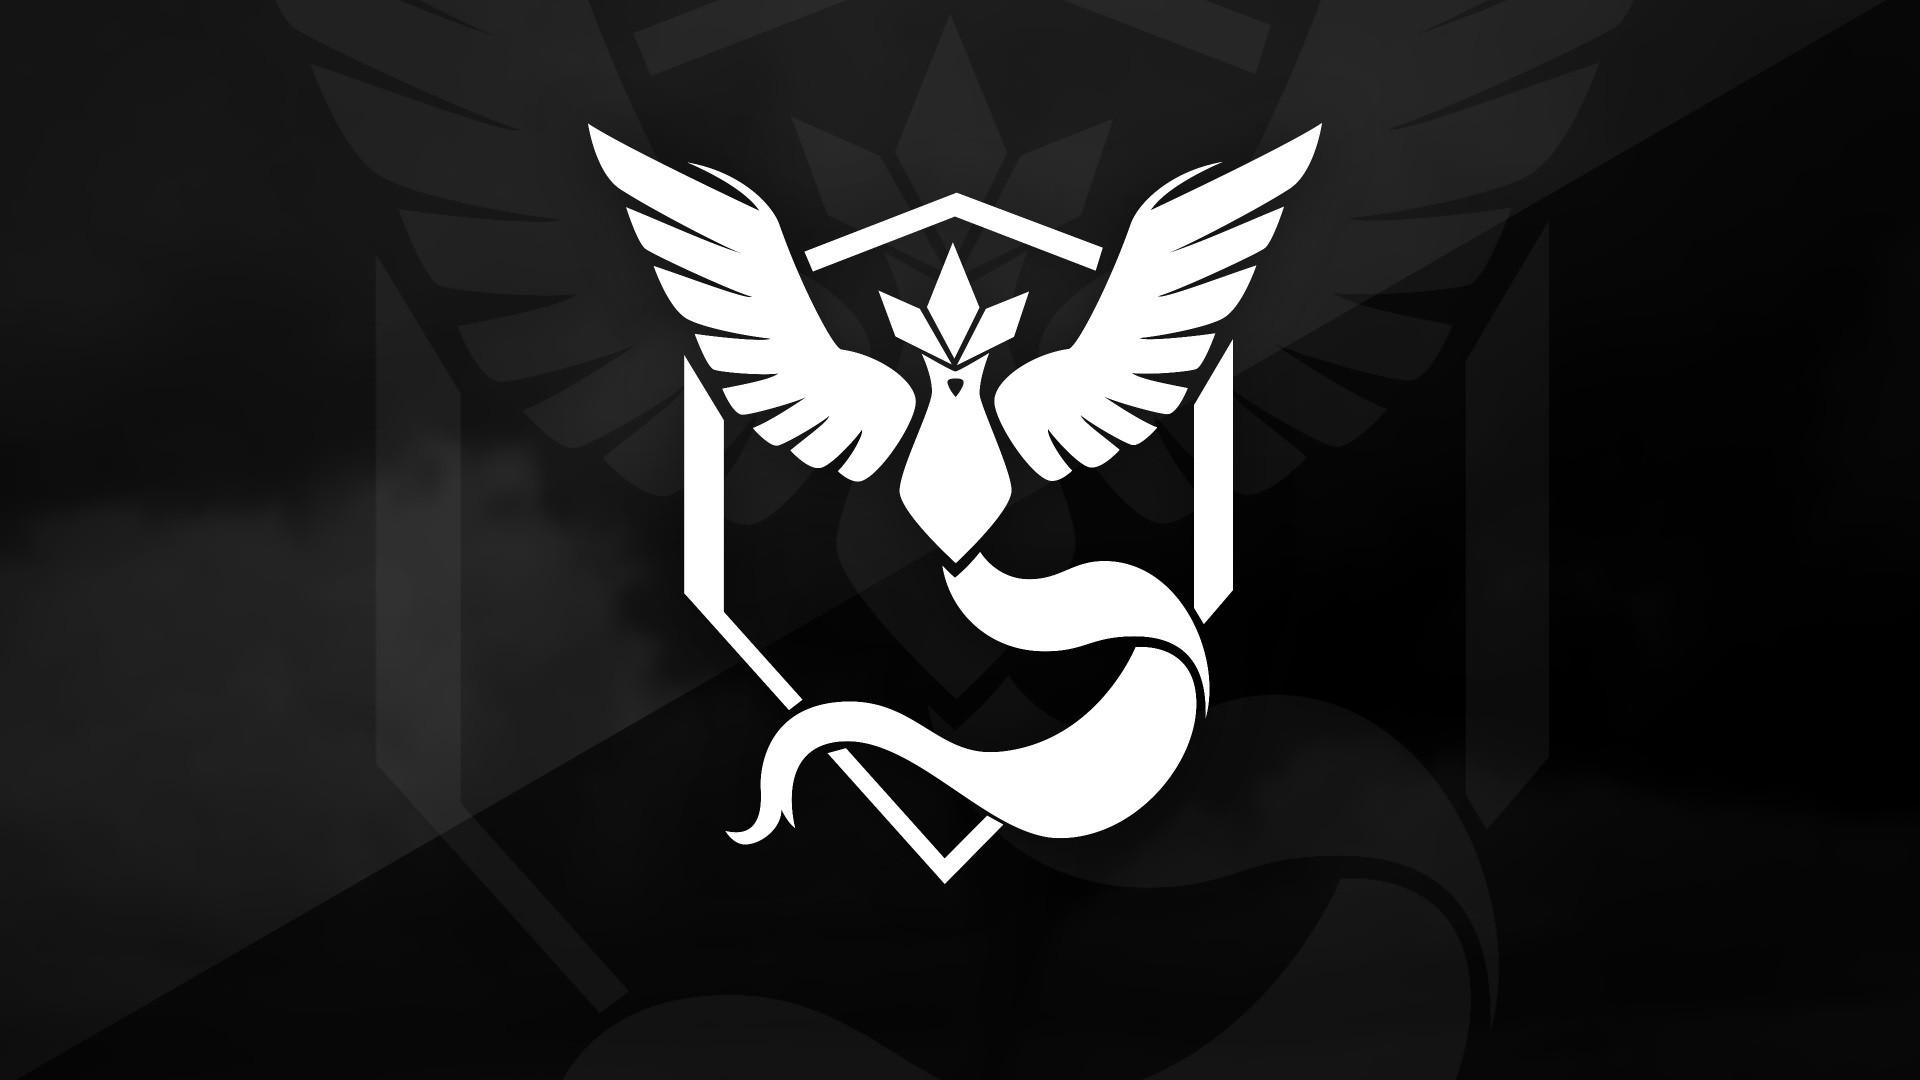 Video Game РPok̩mon GO Team Mystic Pokemon Go Black & White Wallpaper